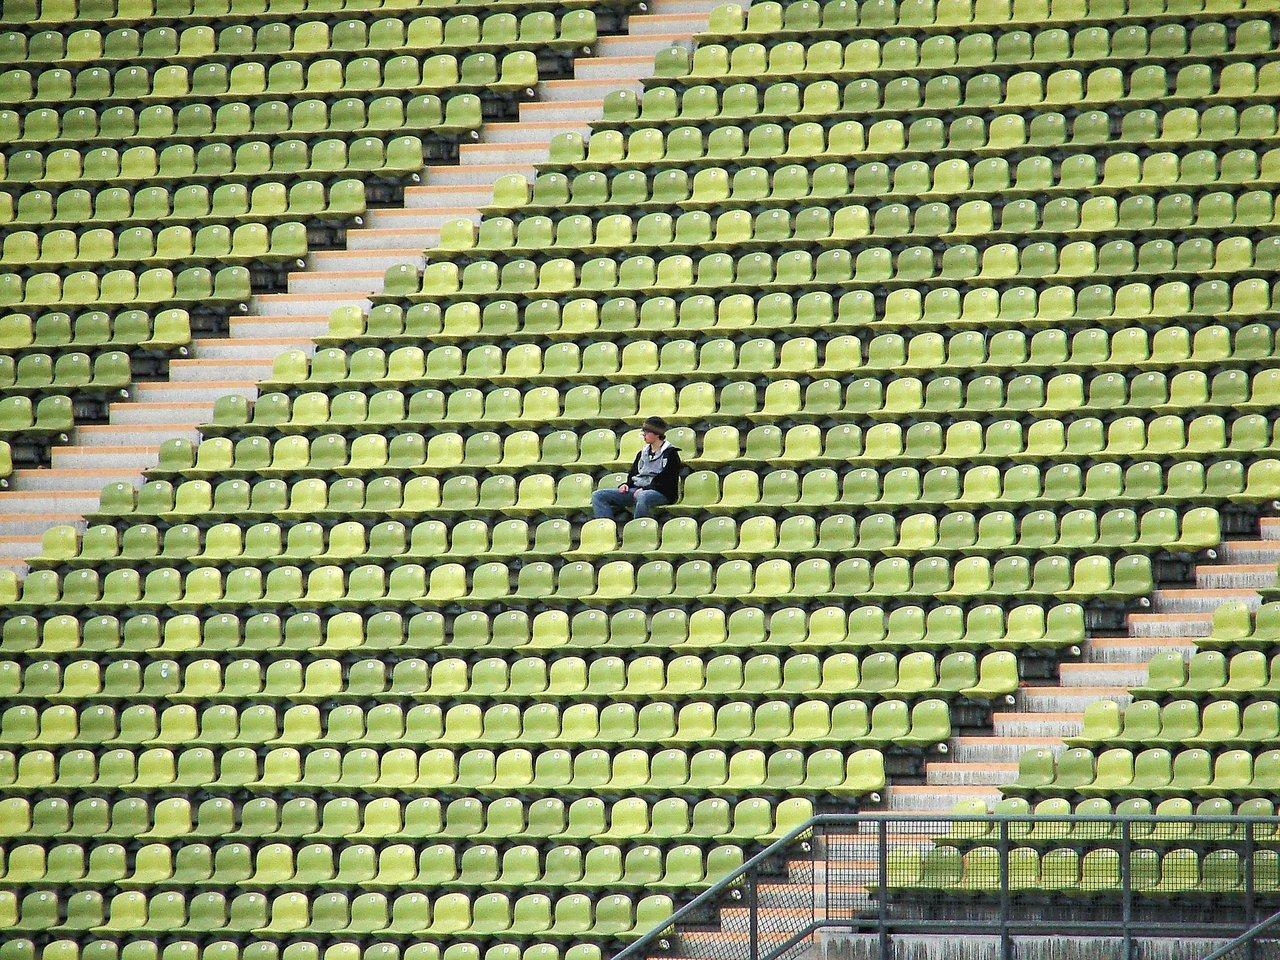 Teen sitting alone in bleachers